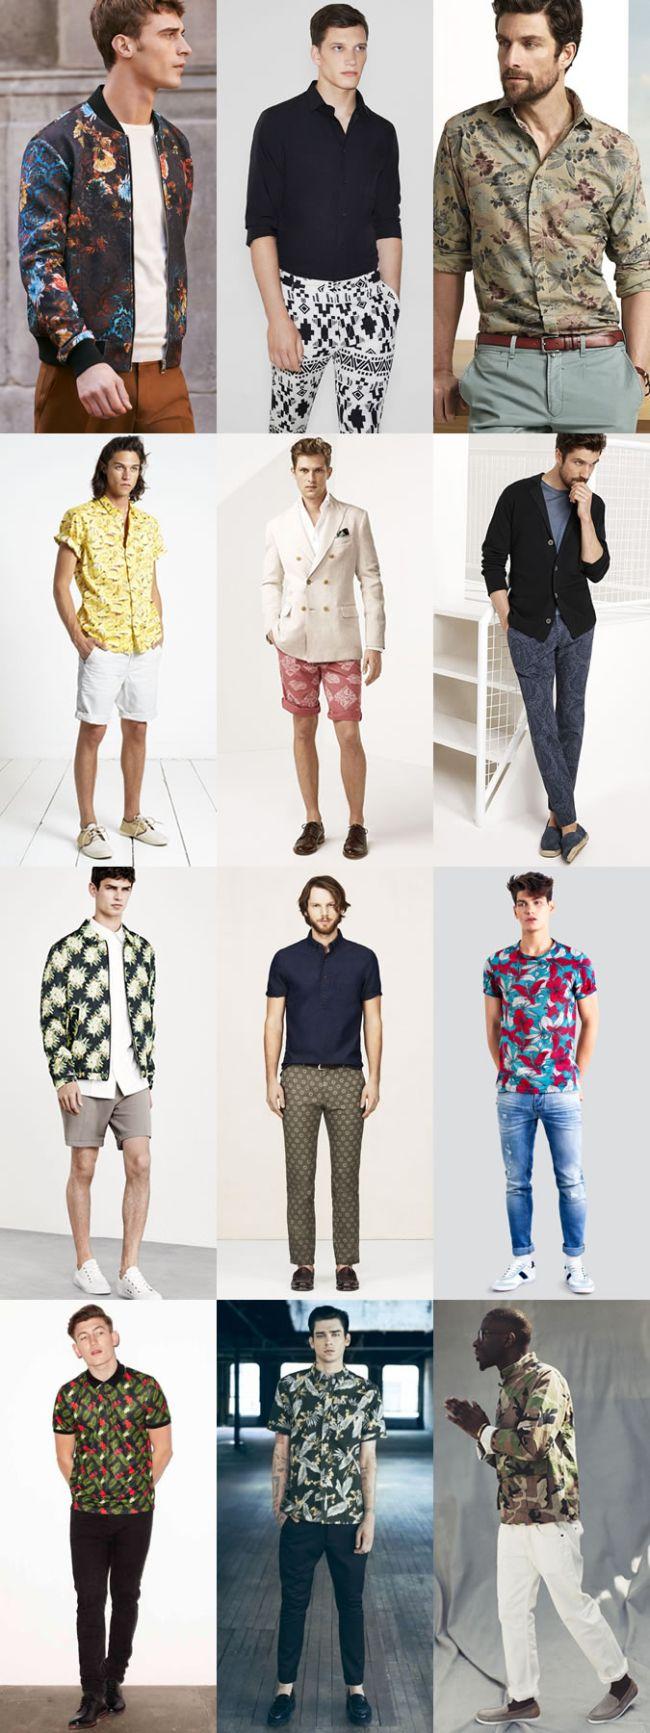 0219 5 letnjih muških trendova